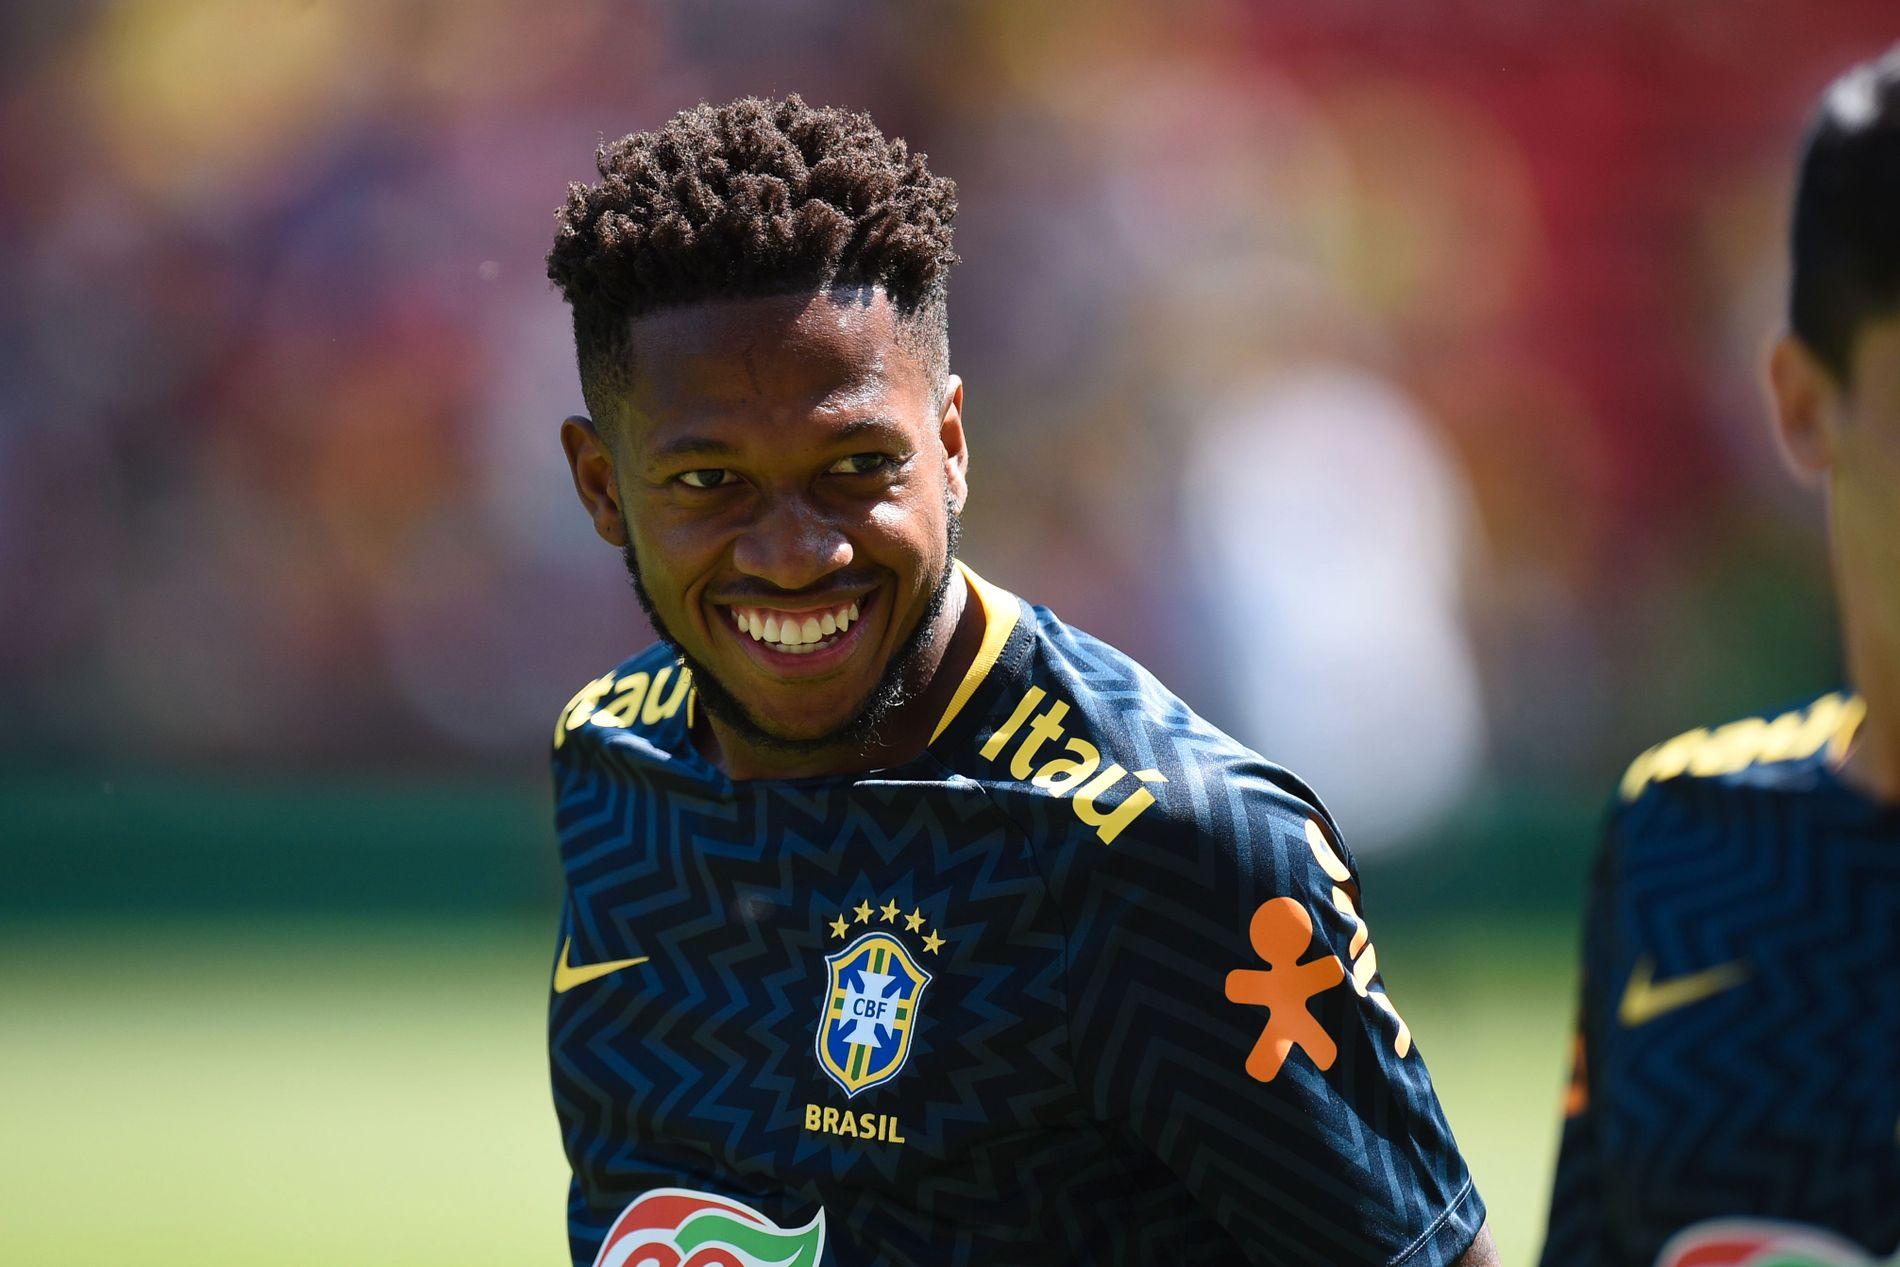 SMIL! VM braker løs om få dager, og nå er Fred klar for Manchester United. Livet smiler for 25-åringen.